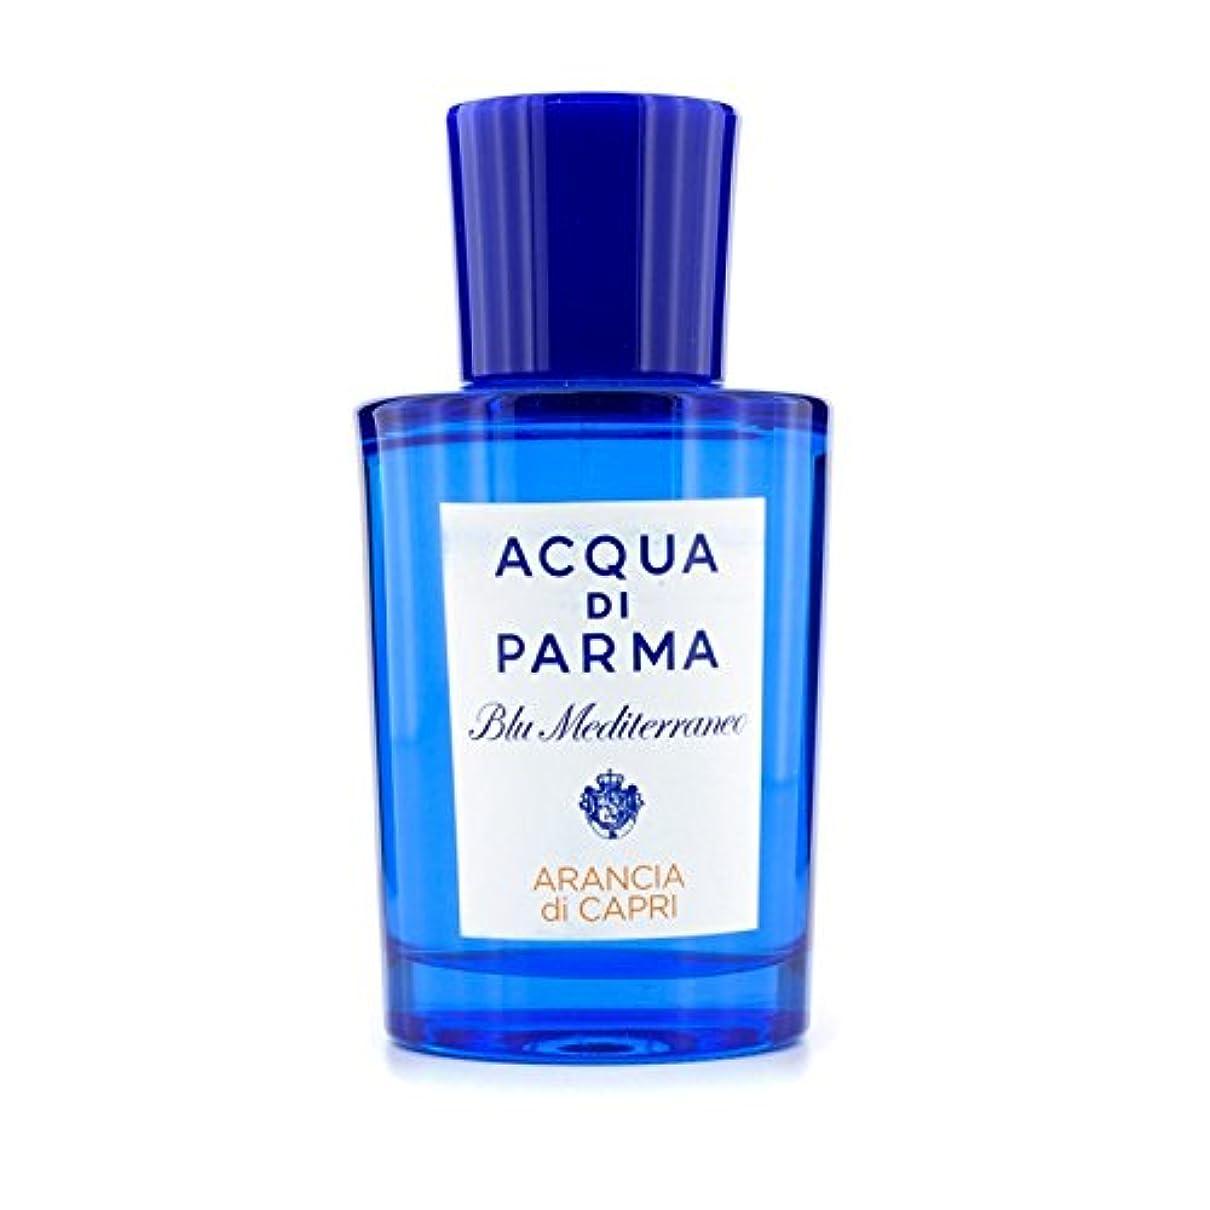 モード強大な寝室アクアディパルマ Acqua di Parma ブルーメディテラネオ アランシア ディ カプリ 75ml EDT オーデトワレスプレー